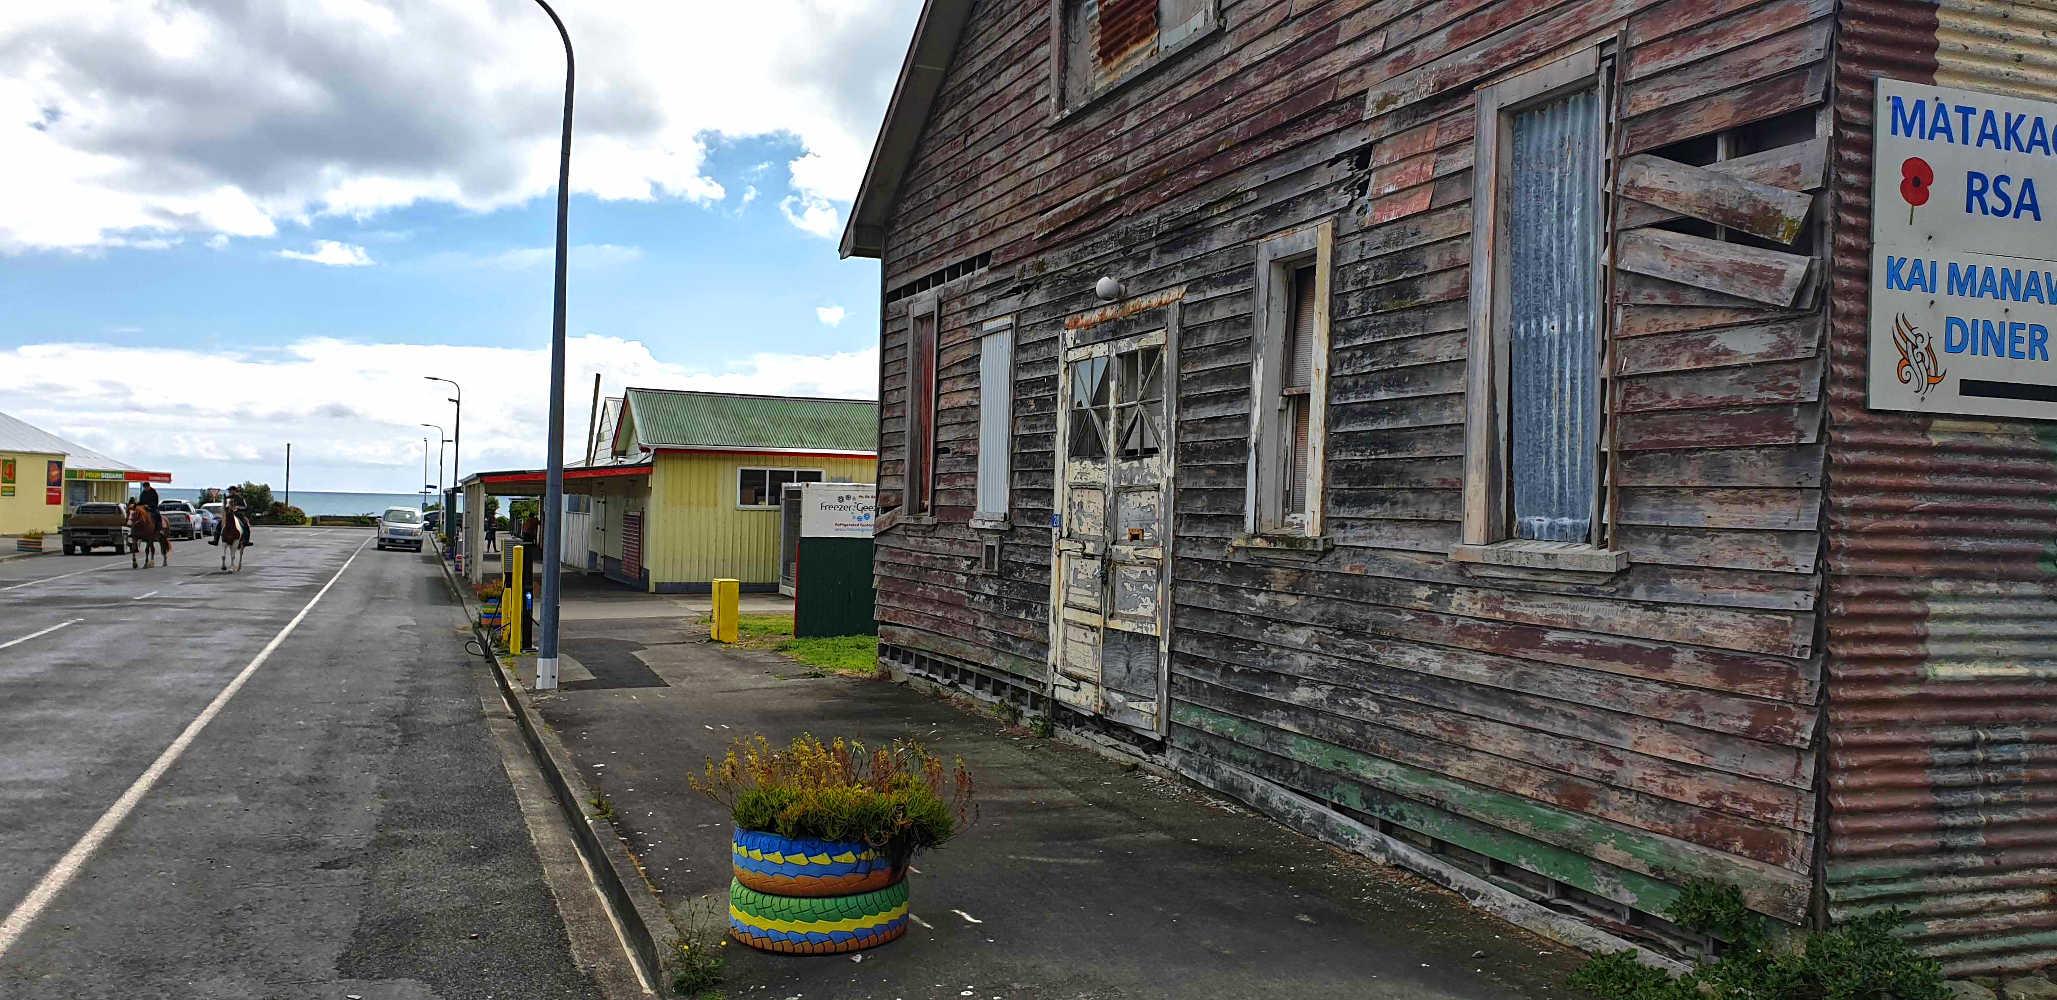 Te Araroa main street,New Zealand